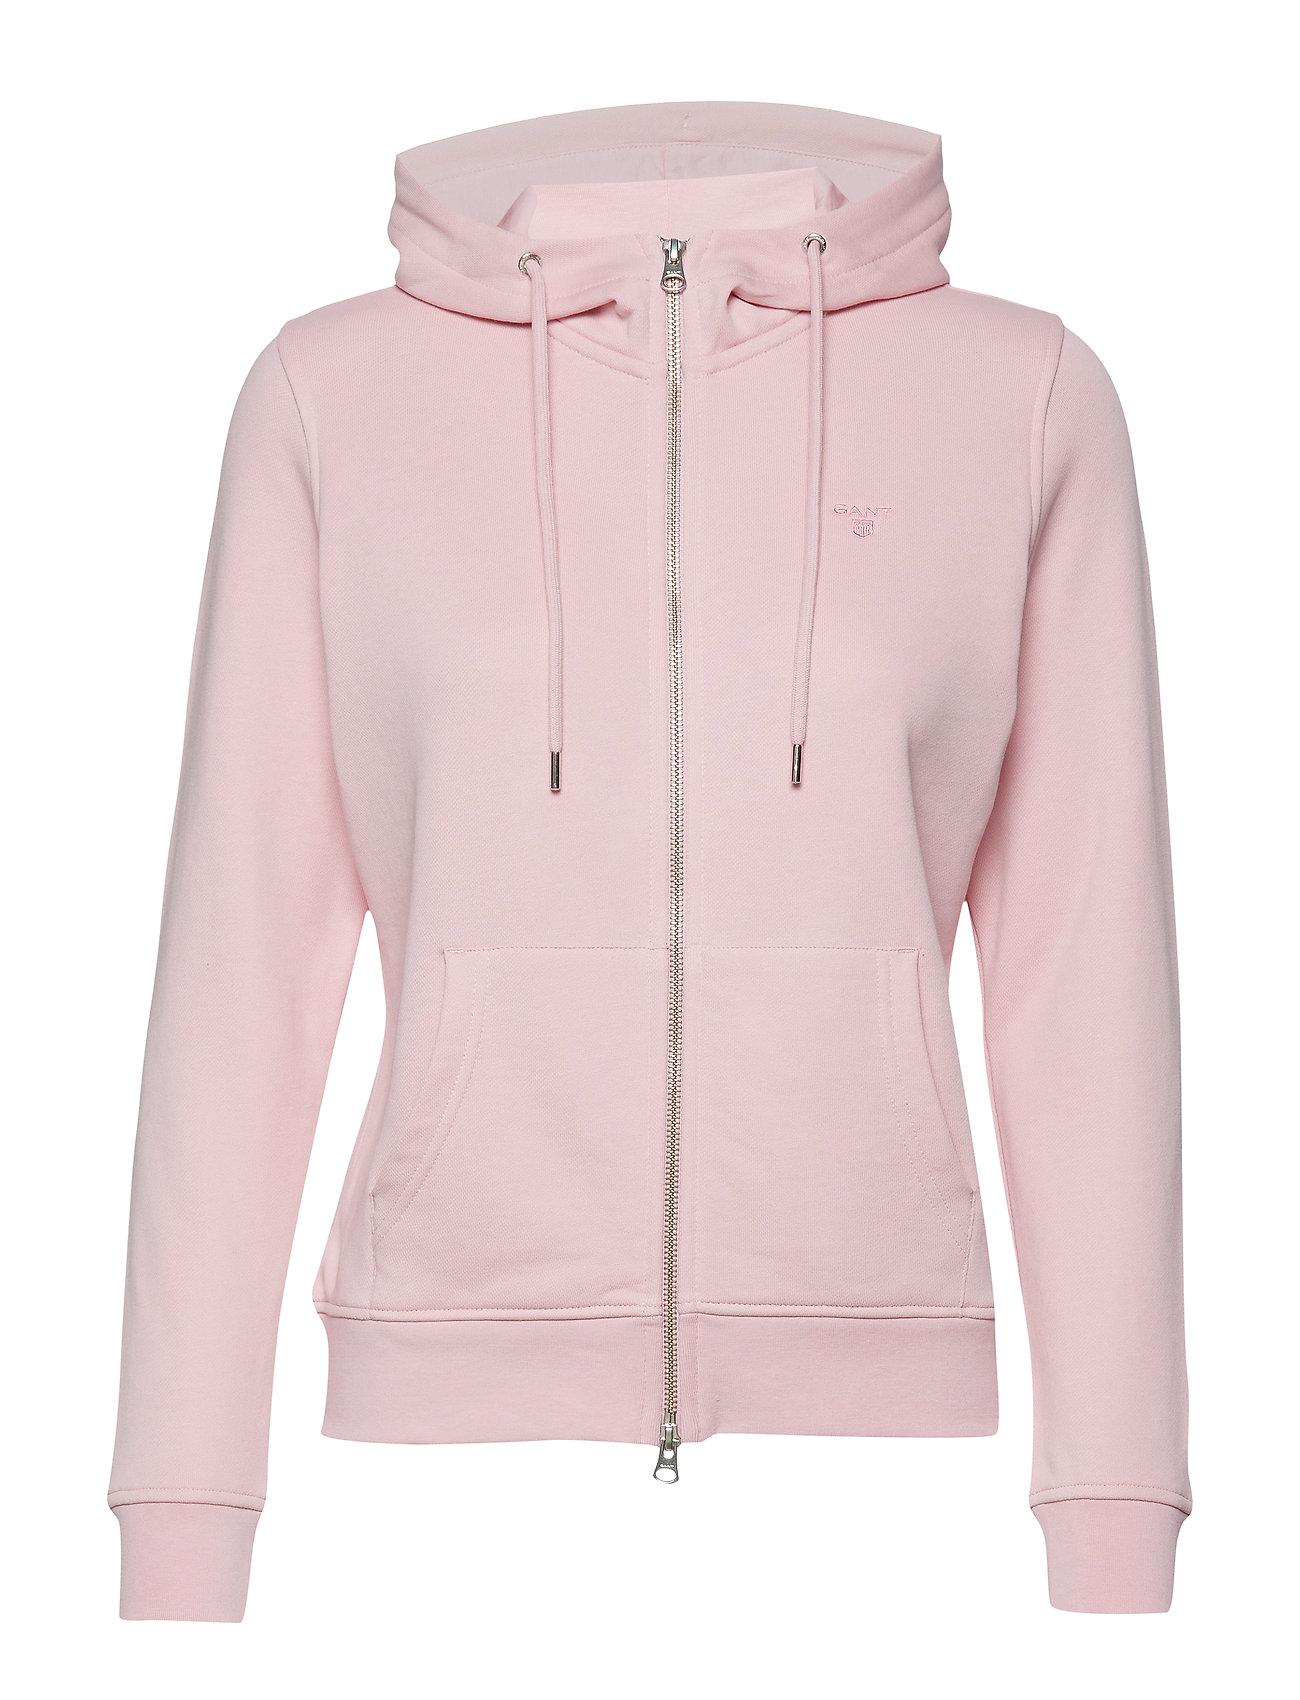 GANT Tonal Shield Full Zip Hoodie Hoodie Pullover Pink GANT